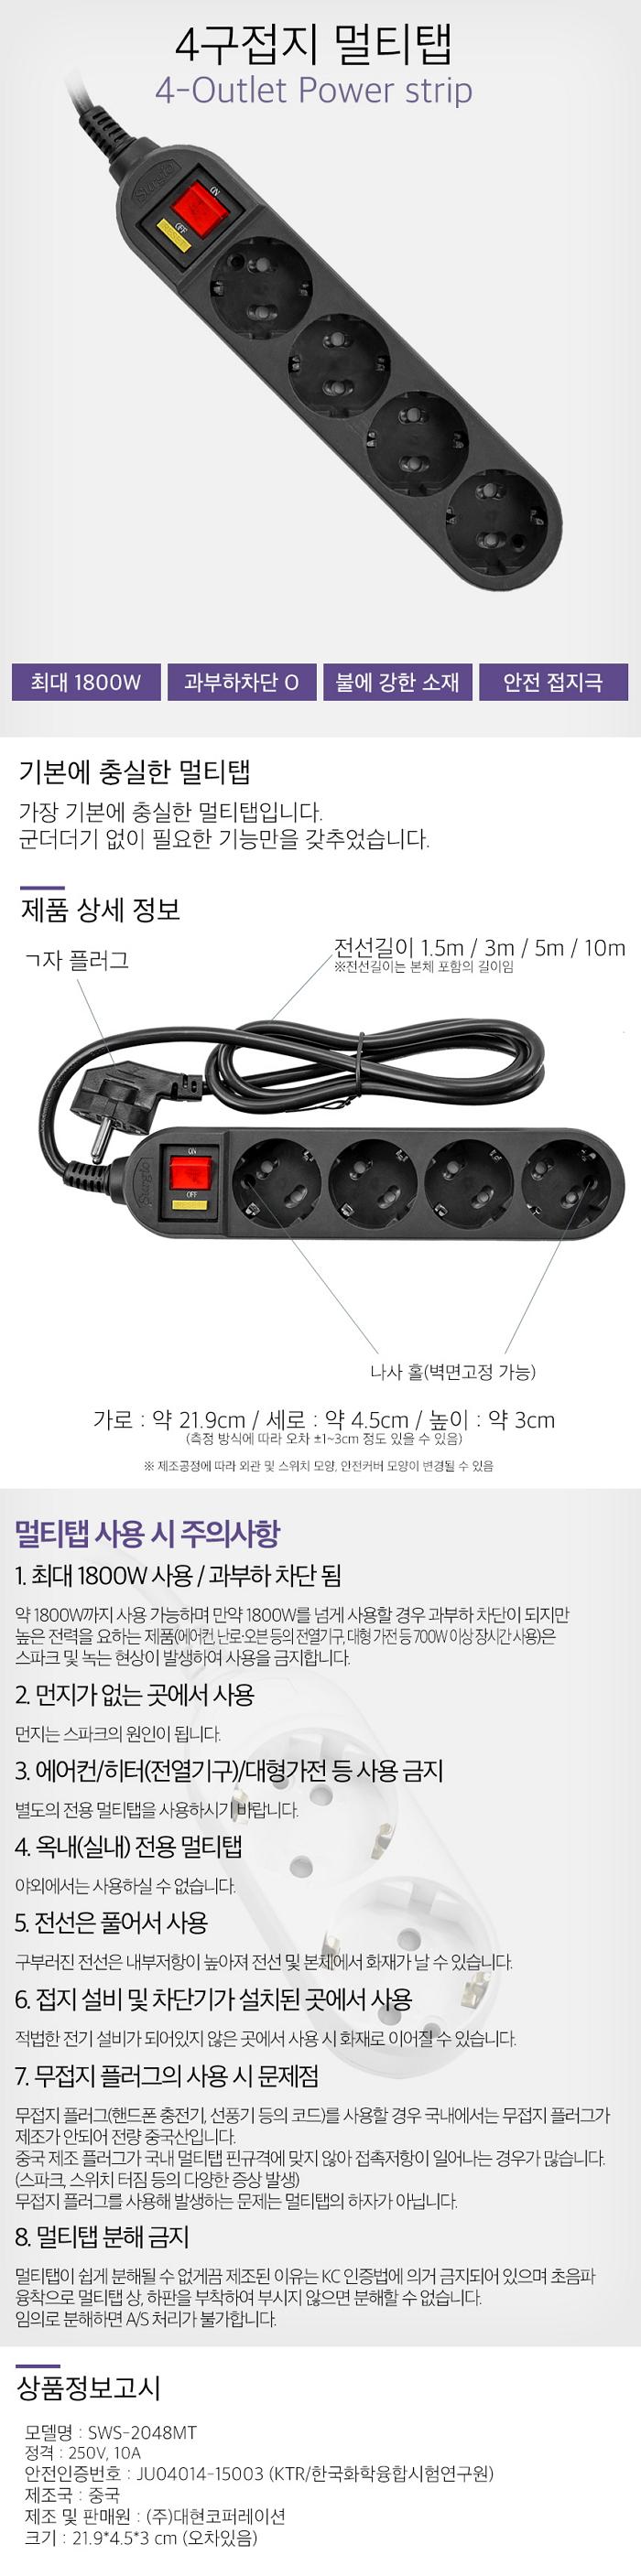 대현코퍼레이션 써지오 5구 10A 메인 스위치 멀티탭 신형 (10m)